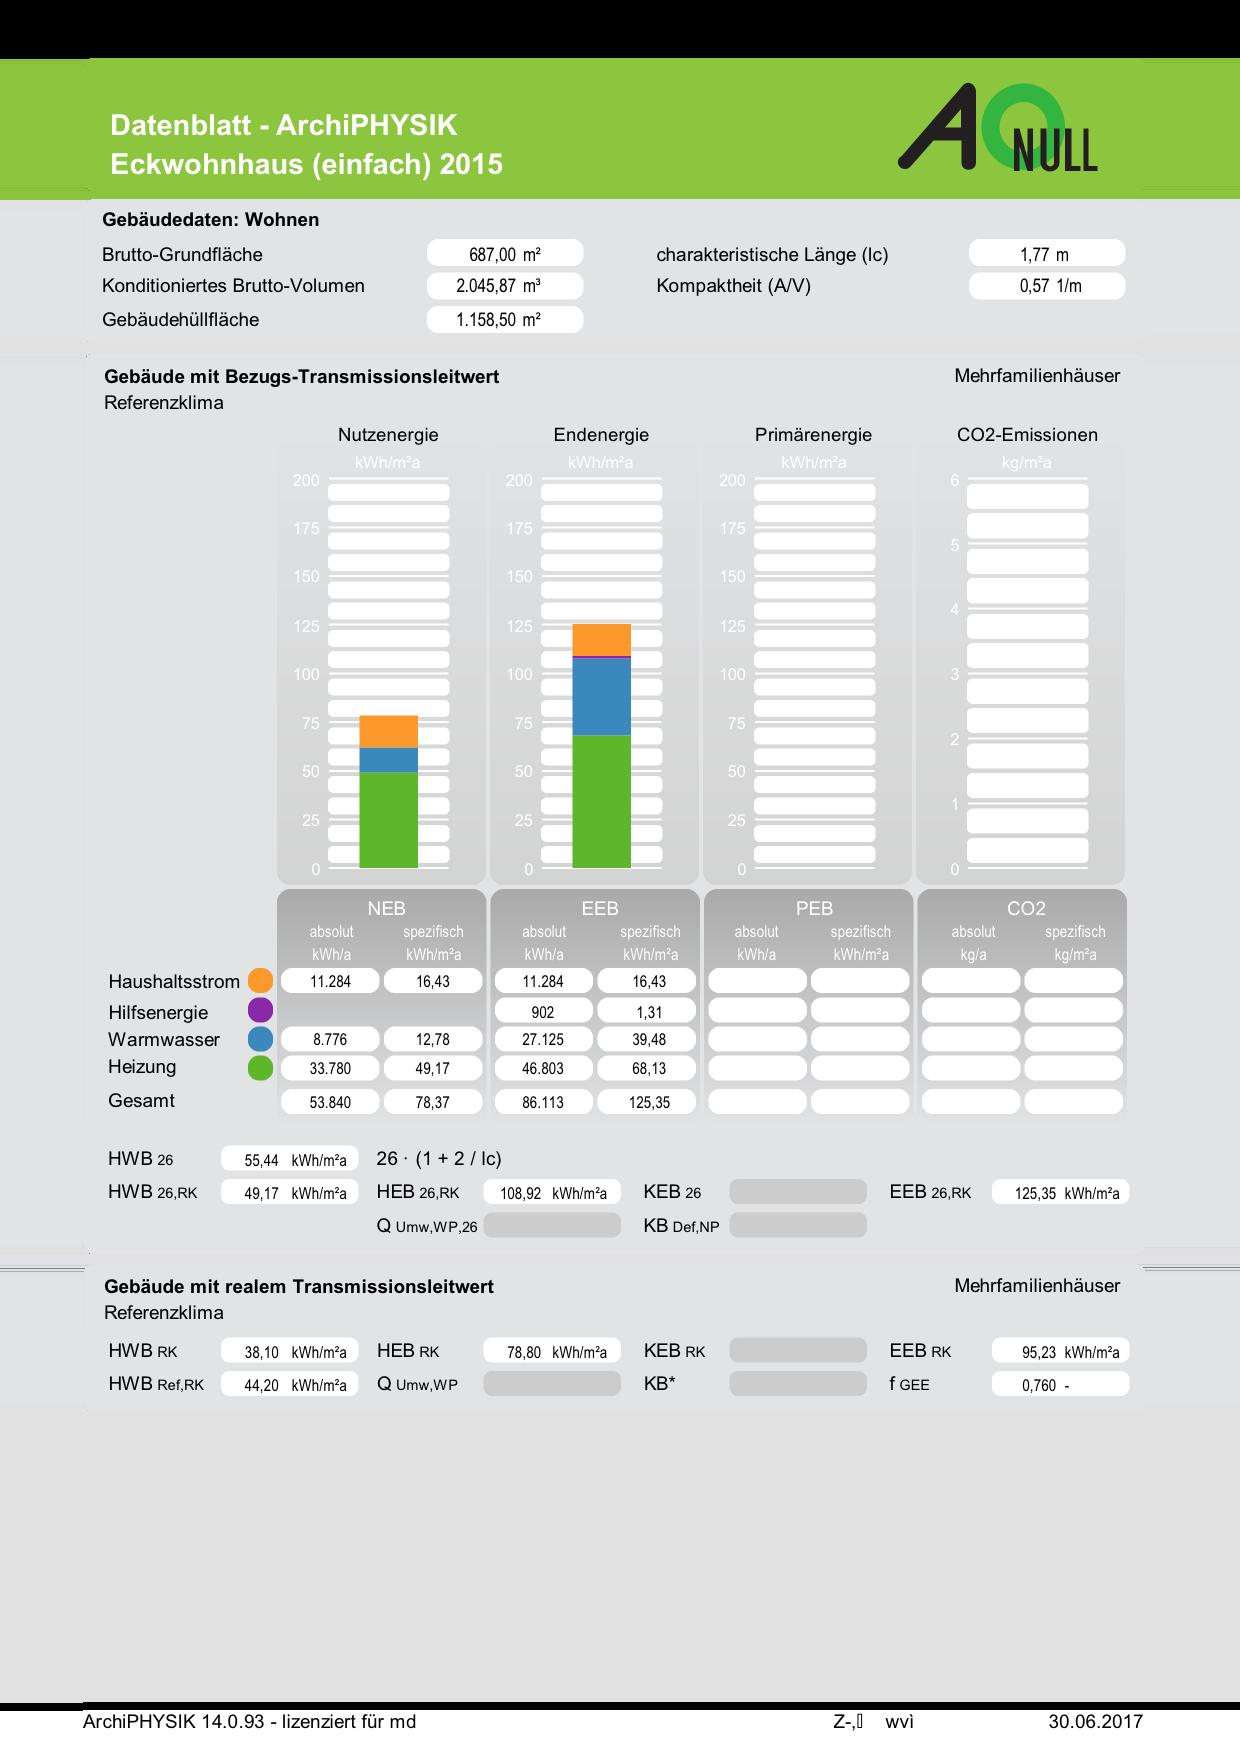 Energieausweis OIB RL6 2015 Wohngebäude Energiebedarf Referenzklima 26er Linie